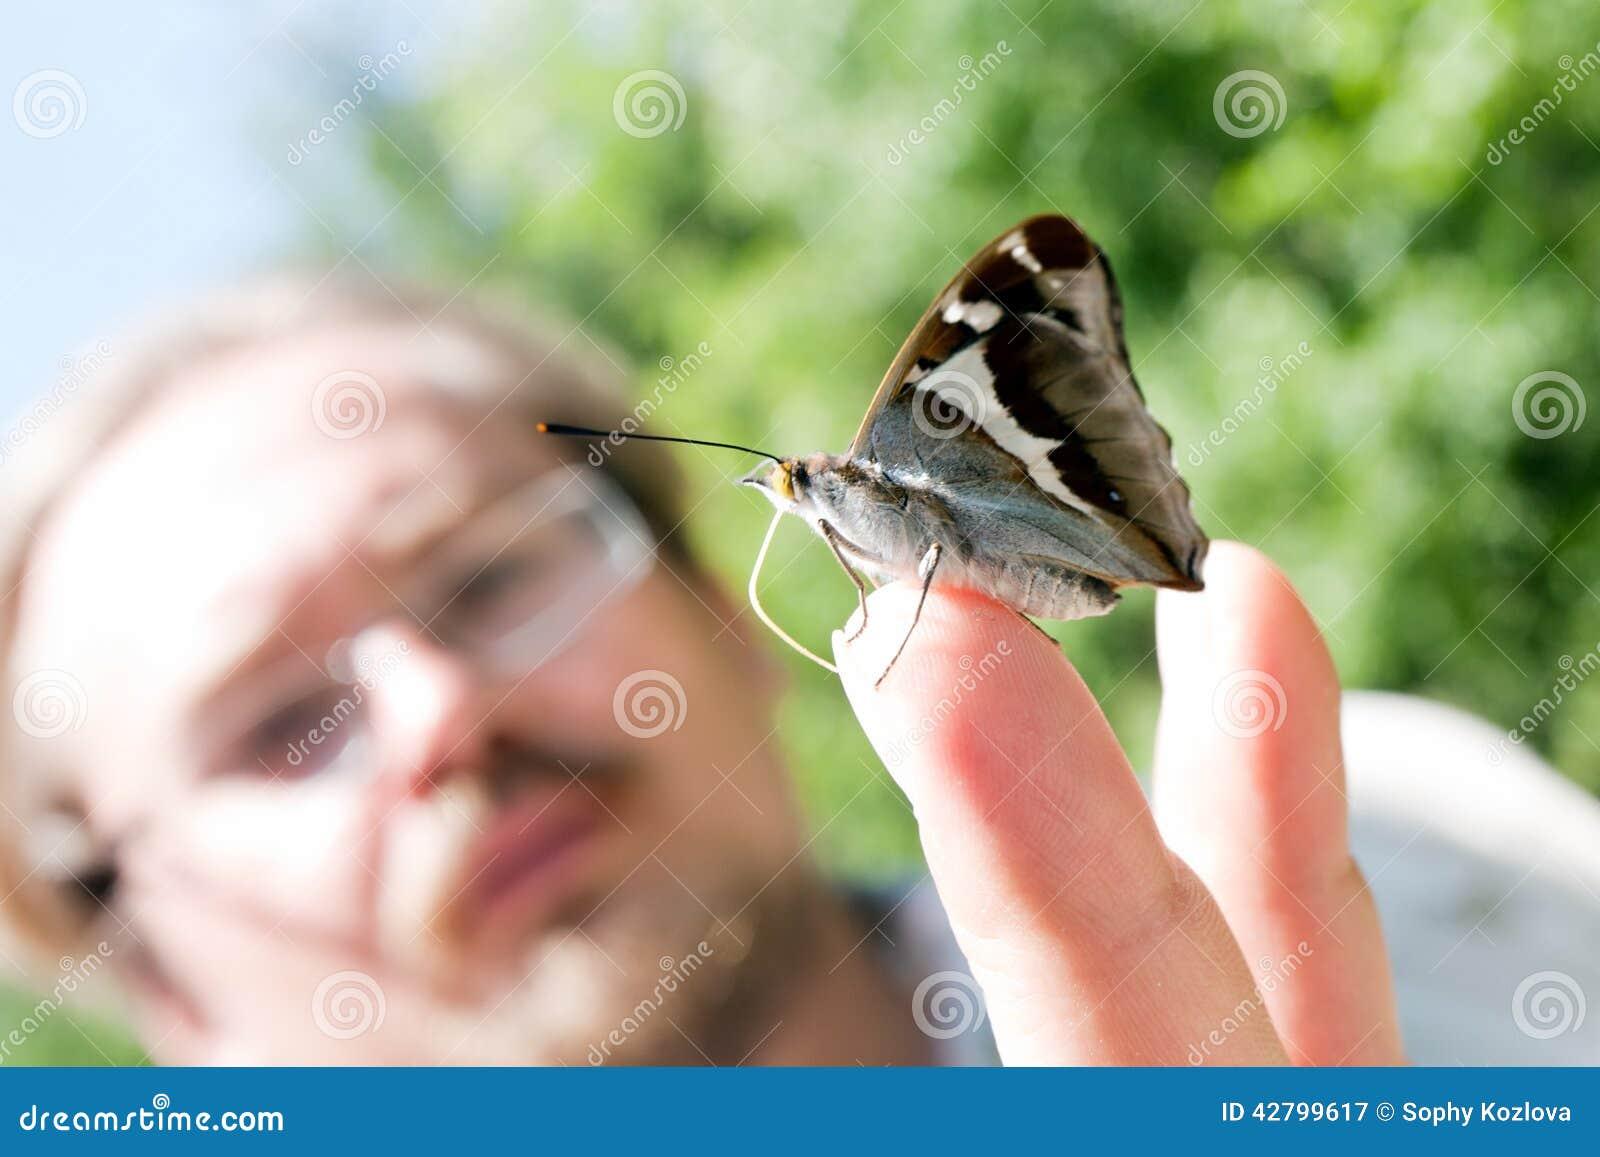 Schmetterling auf Mannhand